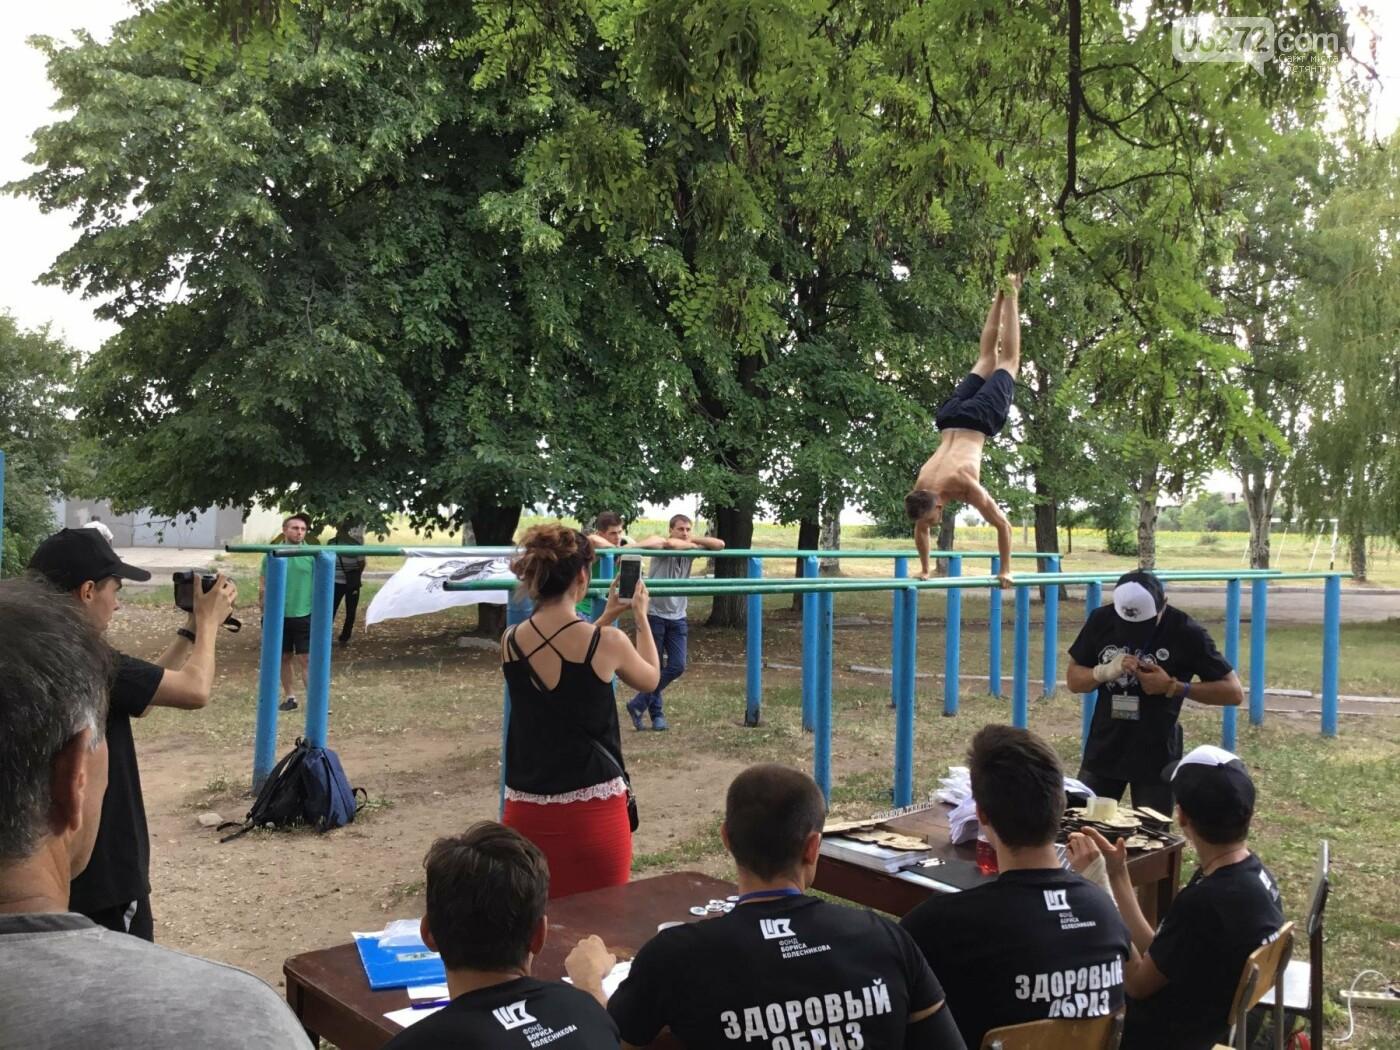 Фото с соревнований по Workout в Константиновке, фото-21